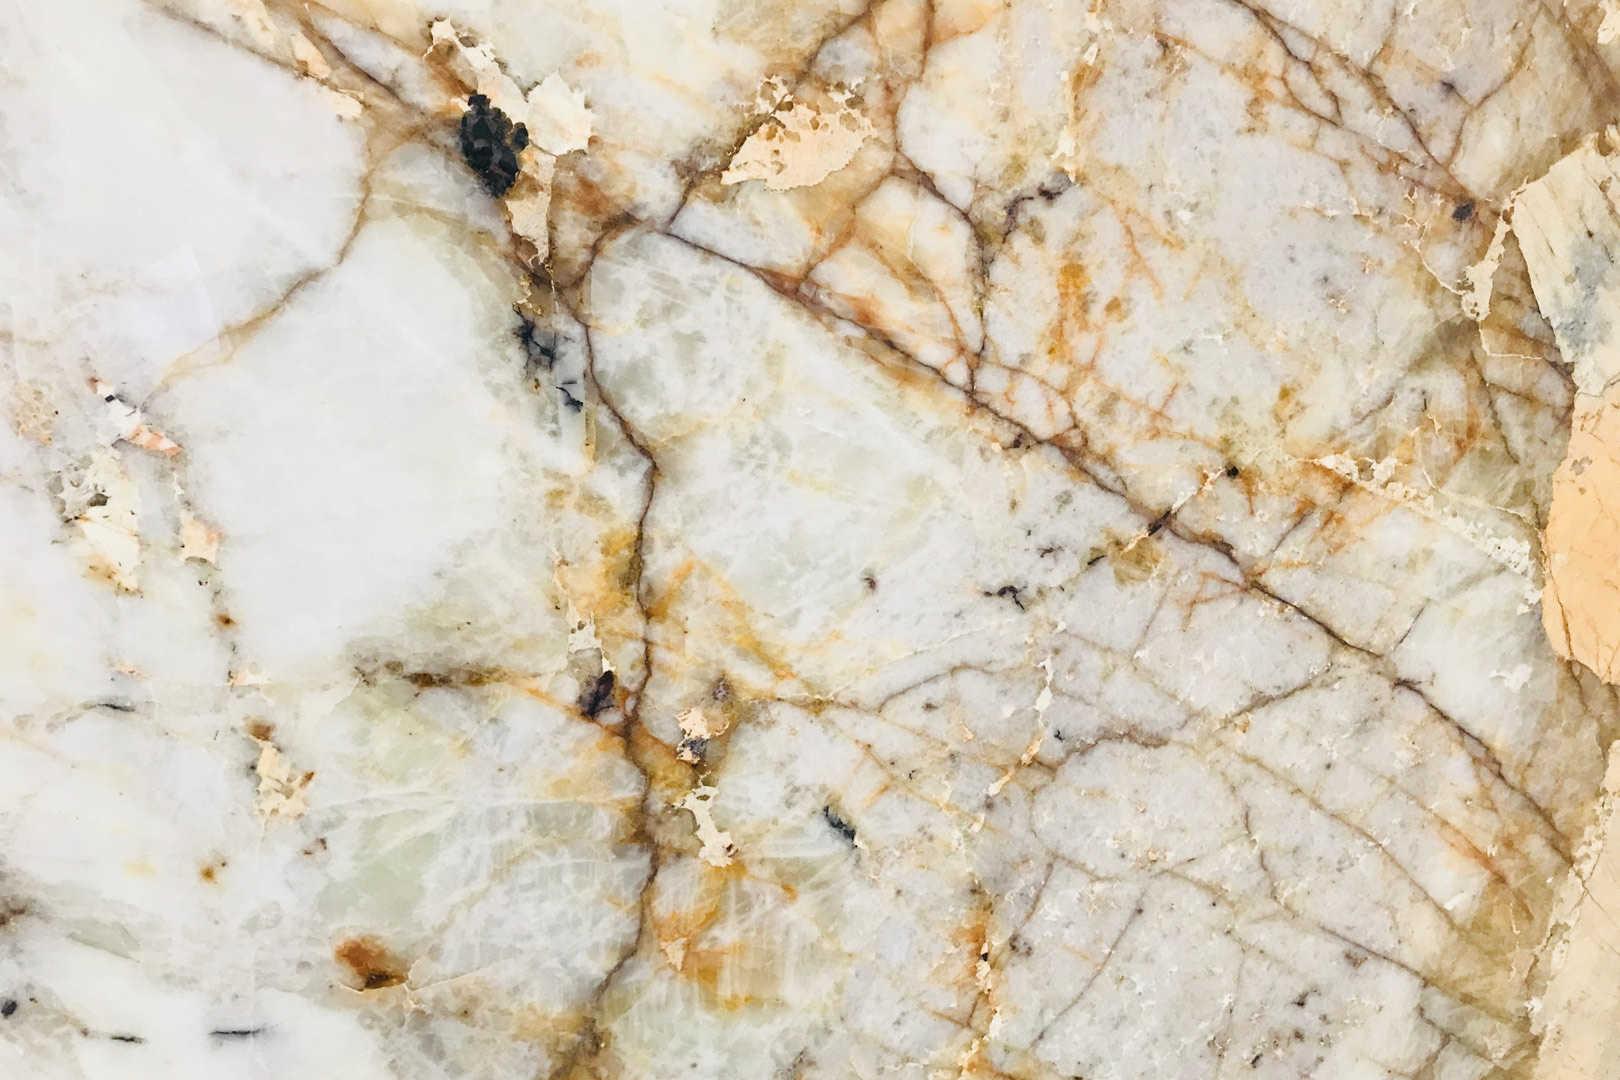 Patagonia Vitrum Marble Quartzite Granite Onyx